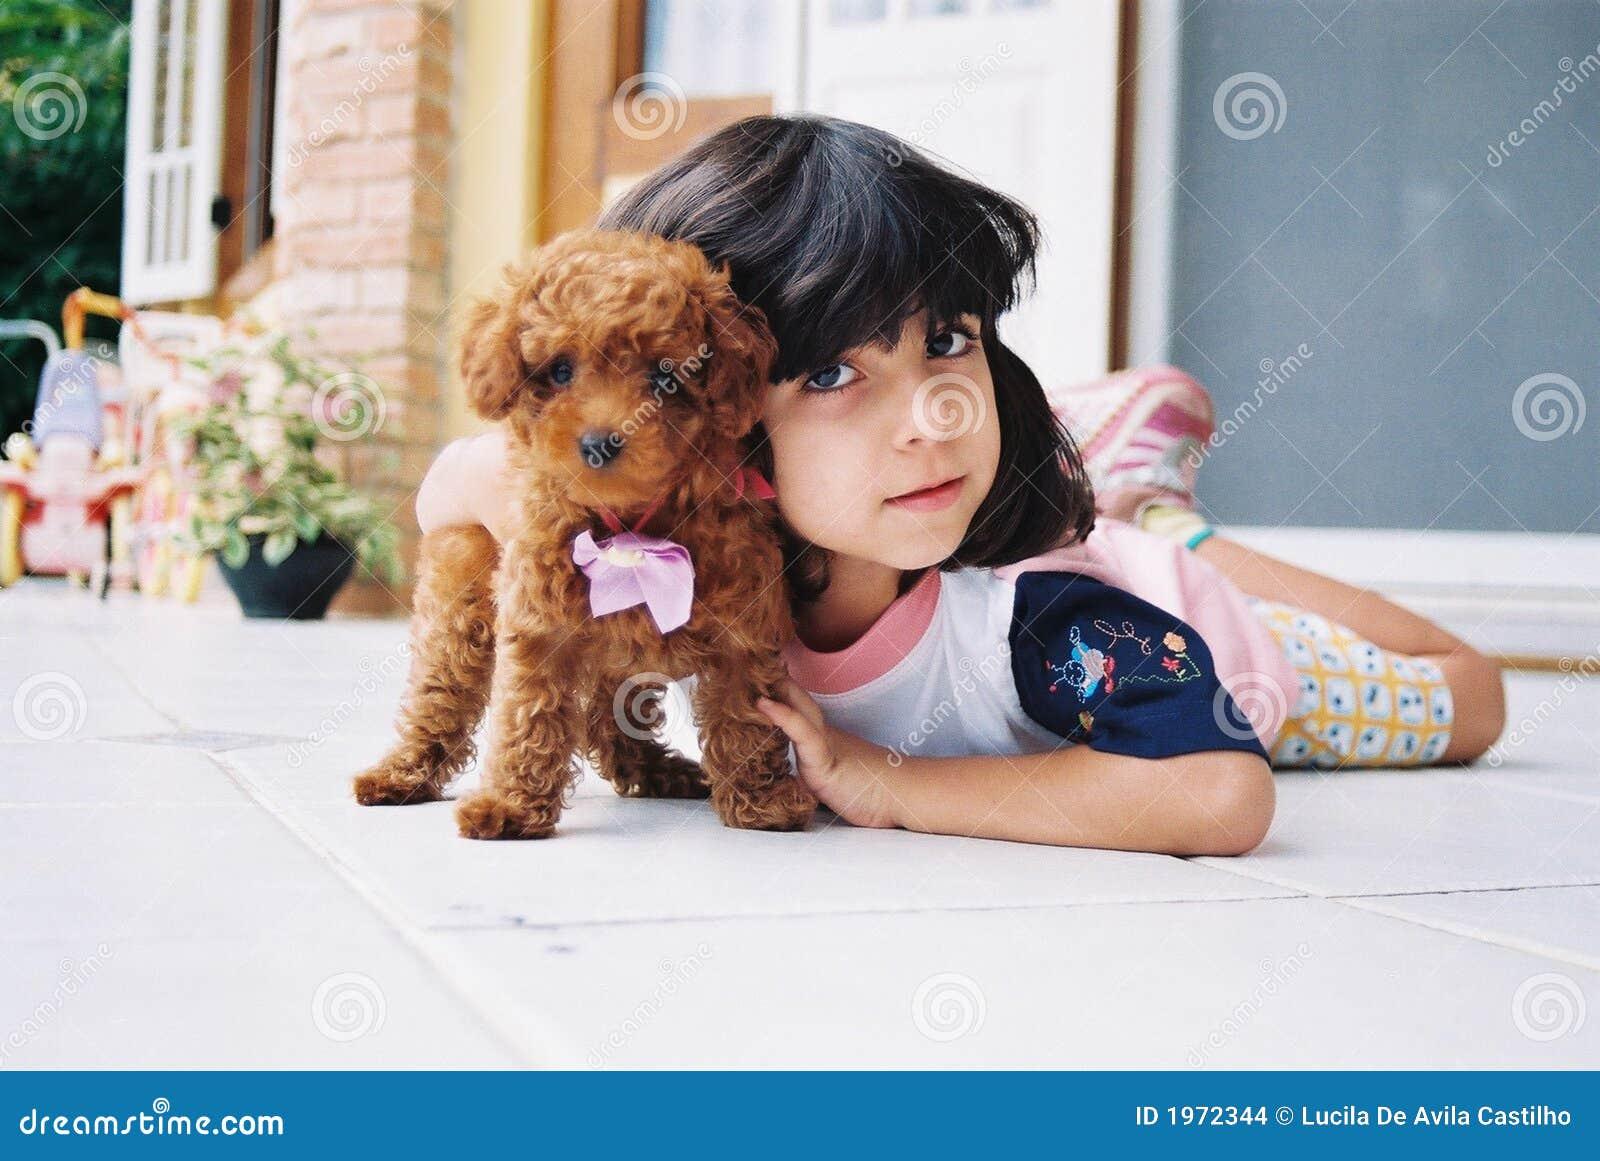 Eu amo meu cão pequeno